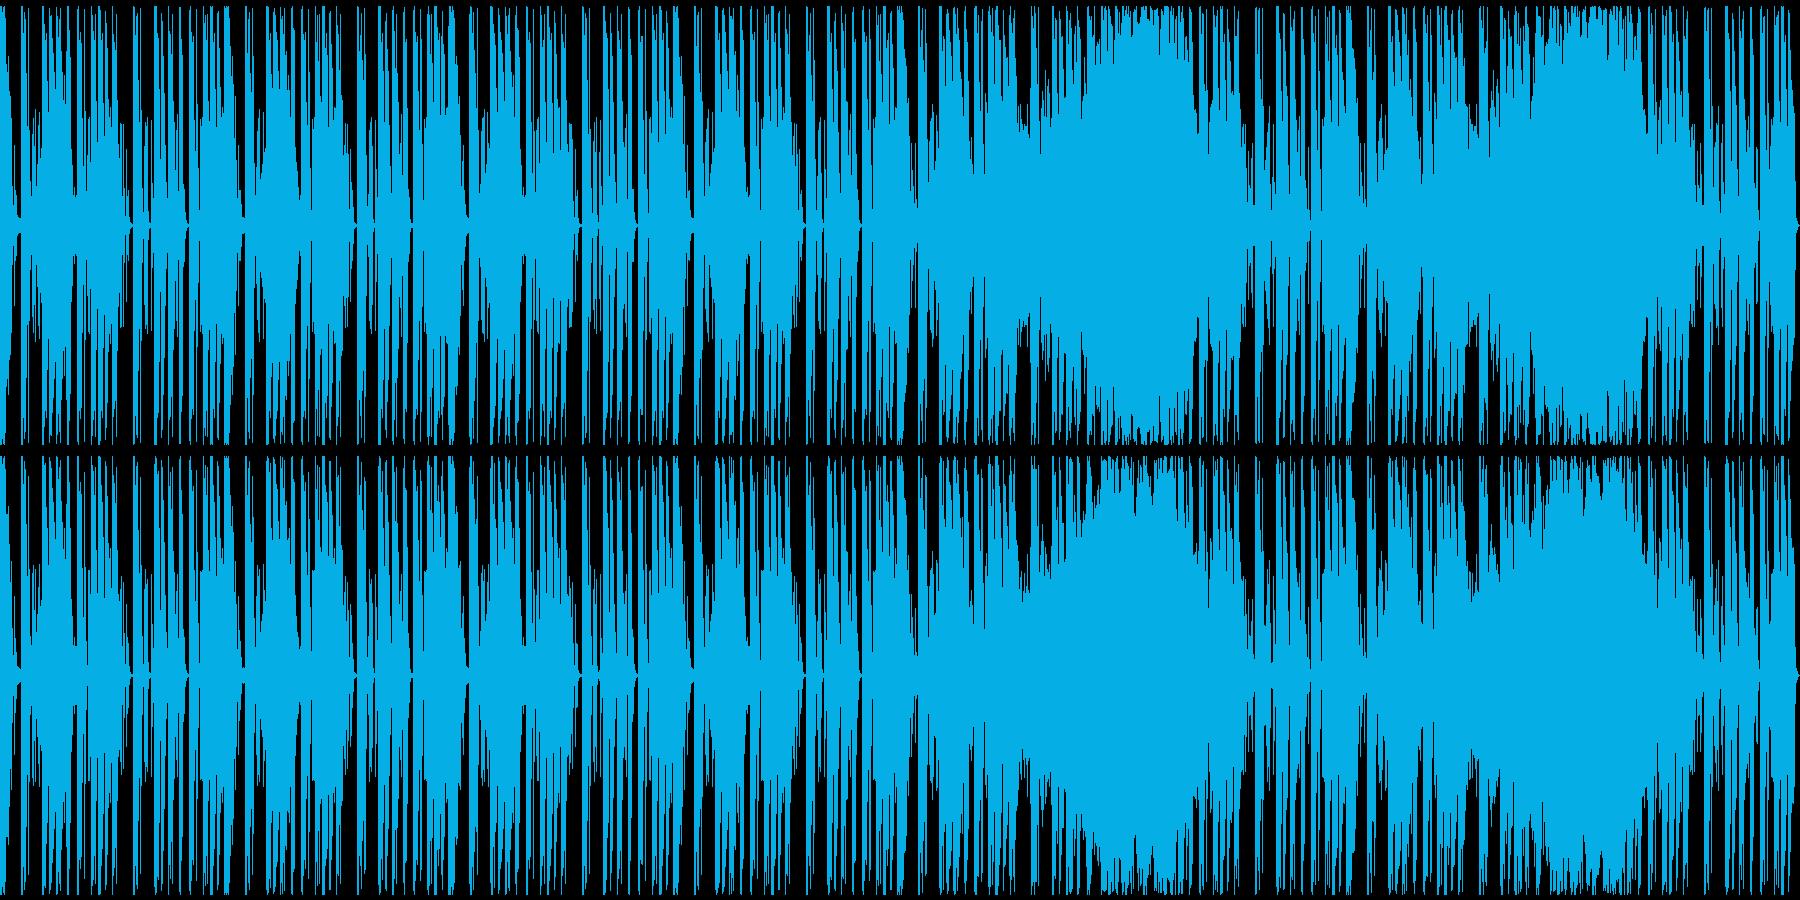 【ミステリアス】ゲーム、ロング1の再生済みの波形